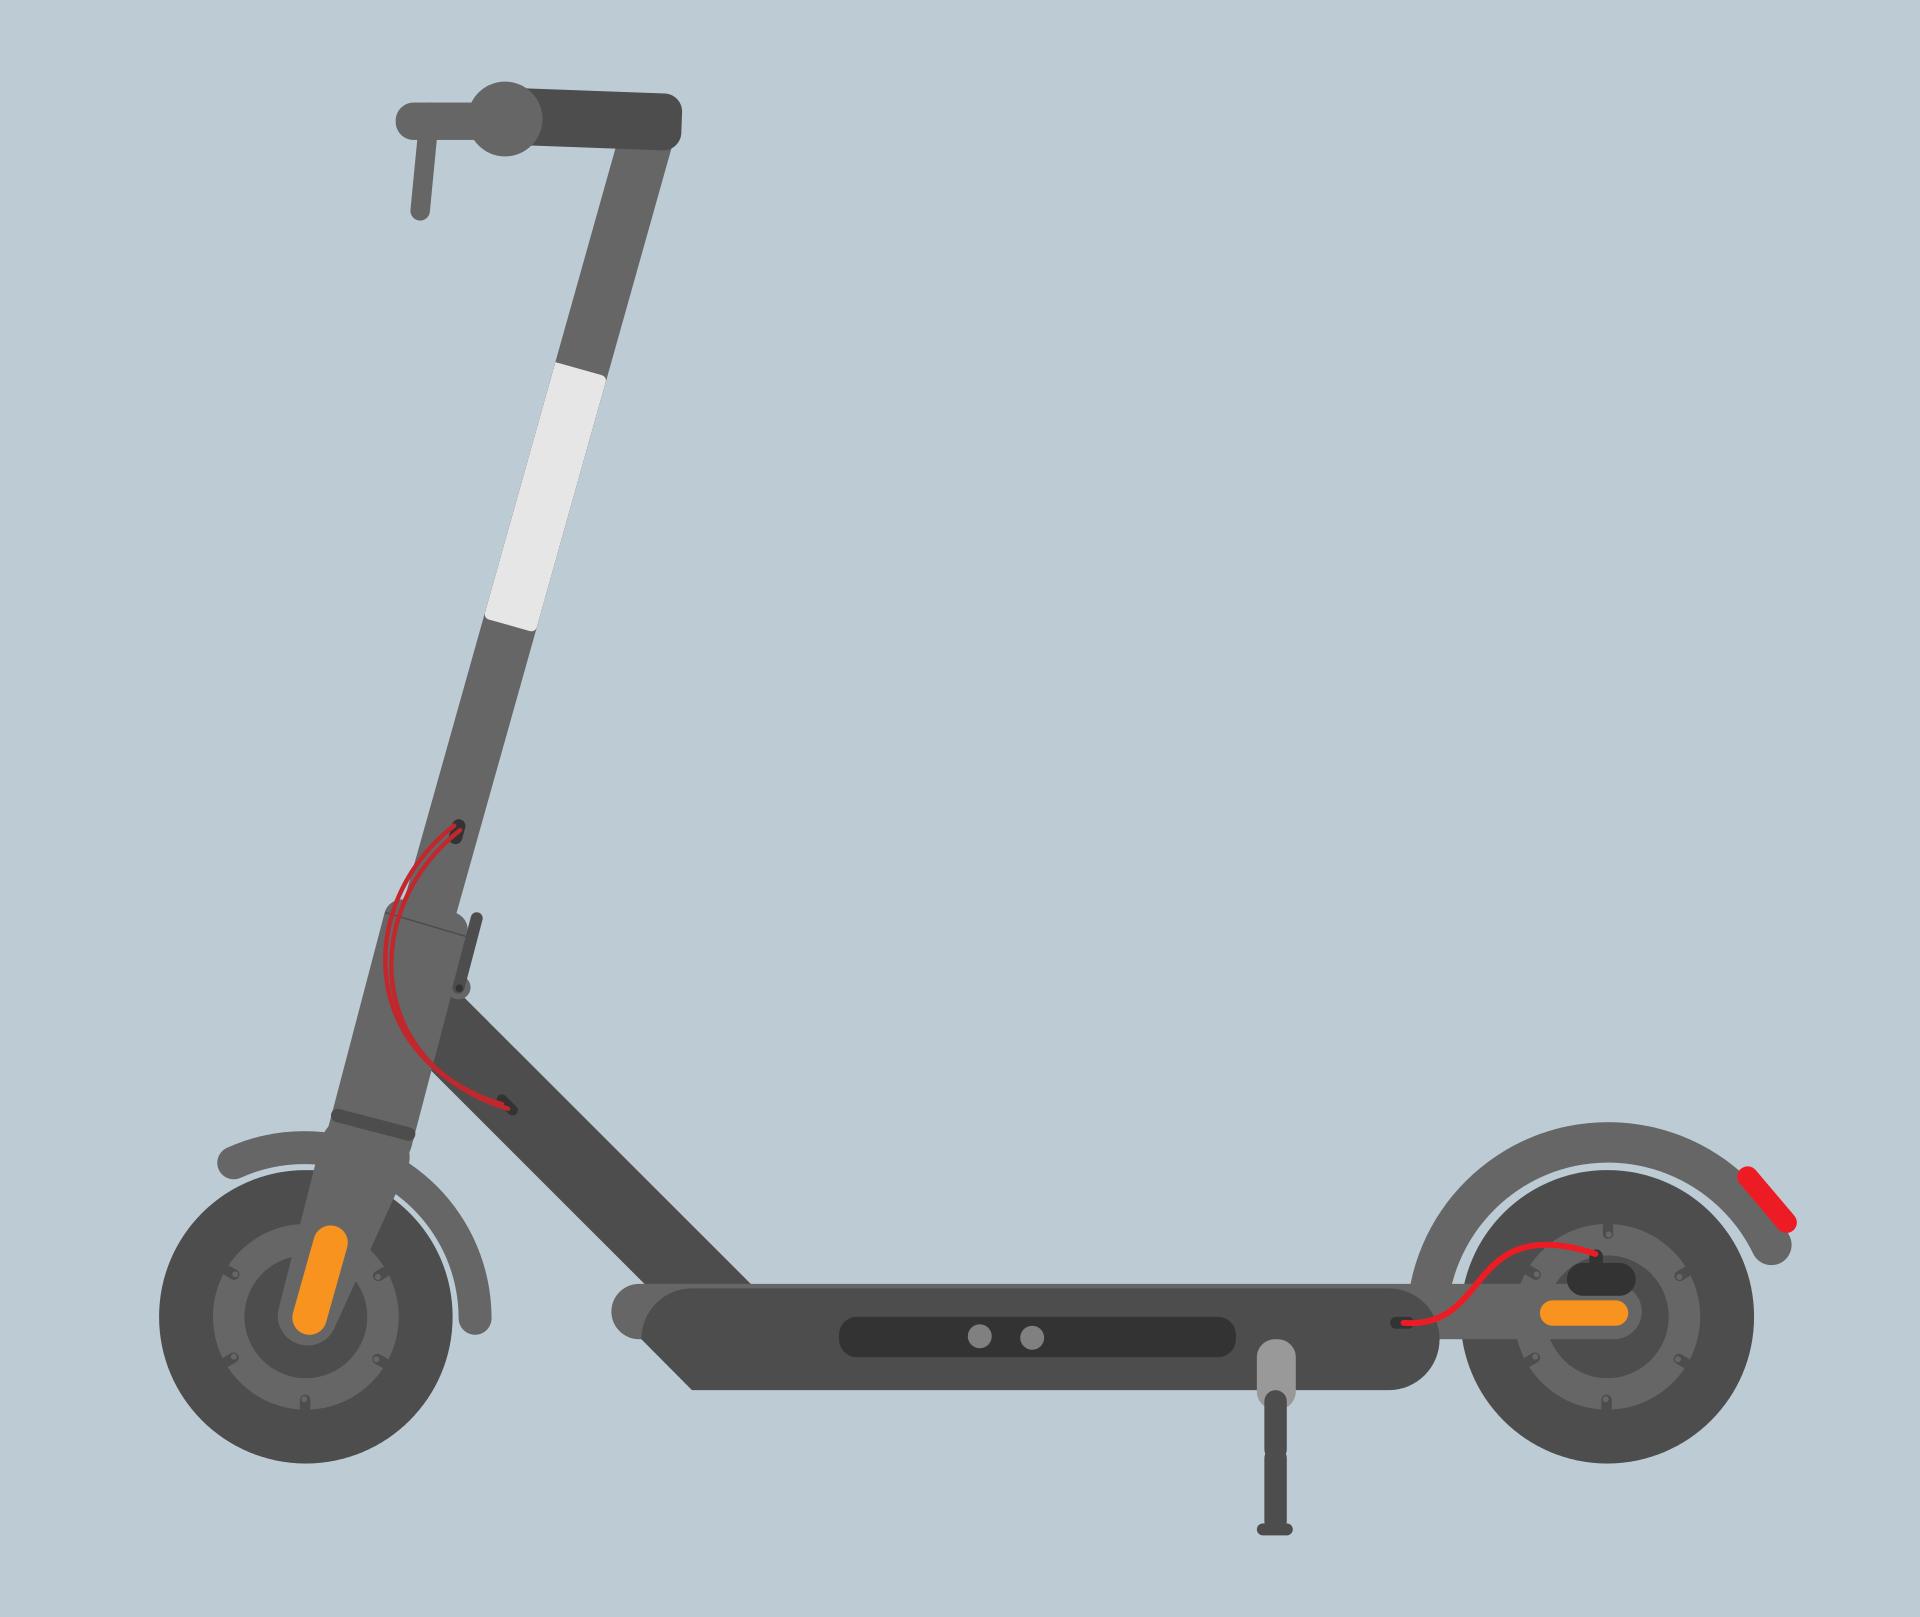 أفضل محلات بيع سكوتر كهربائي بجدة Best Electric Scooter Electric Transportation Electric Scooter